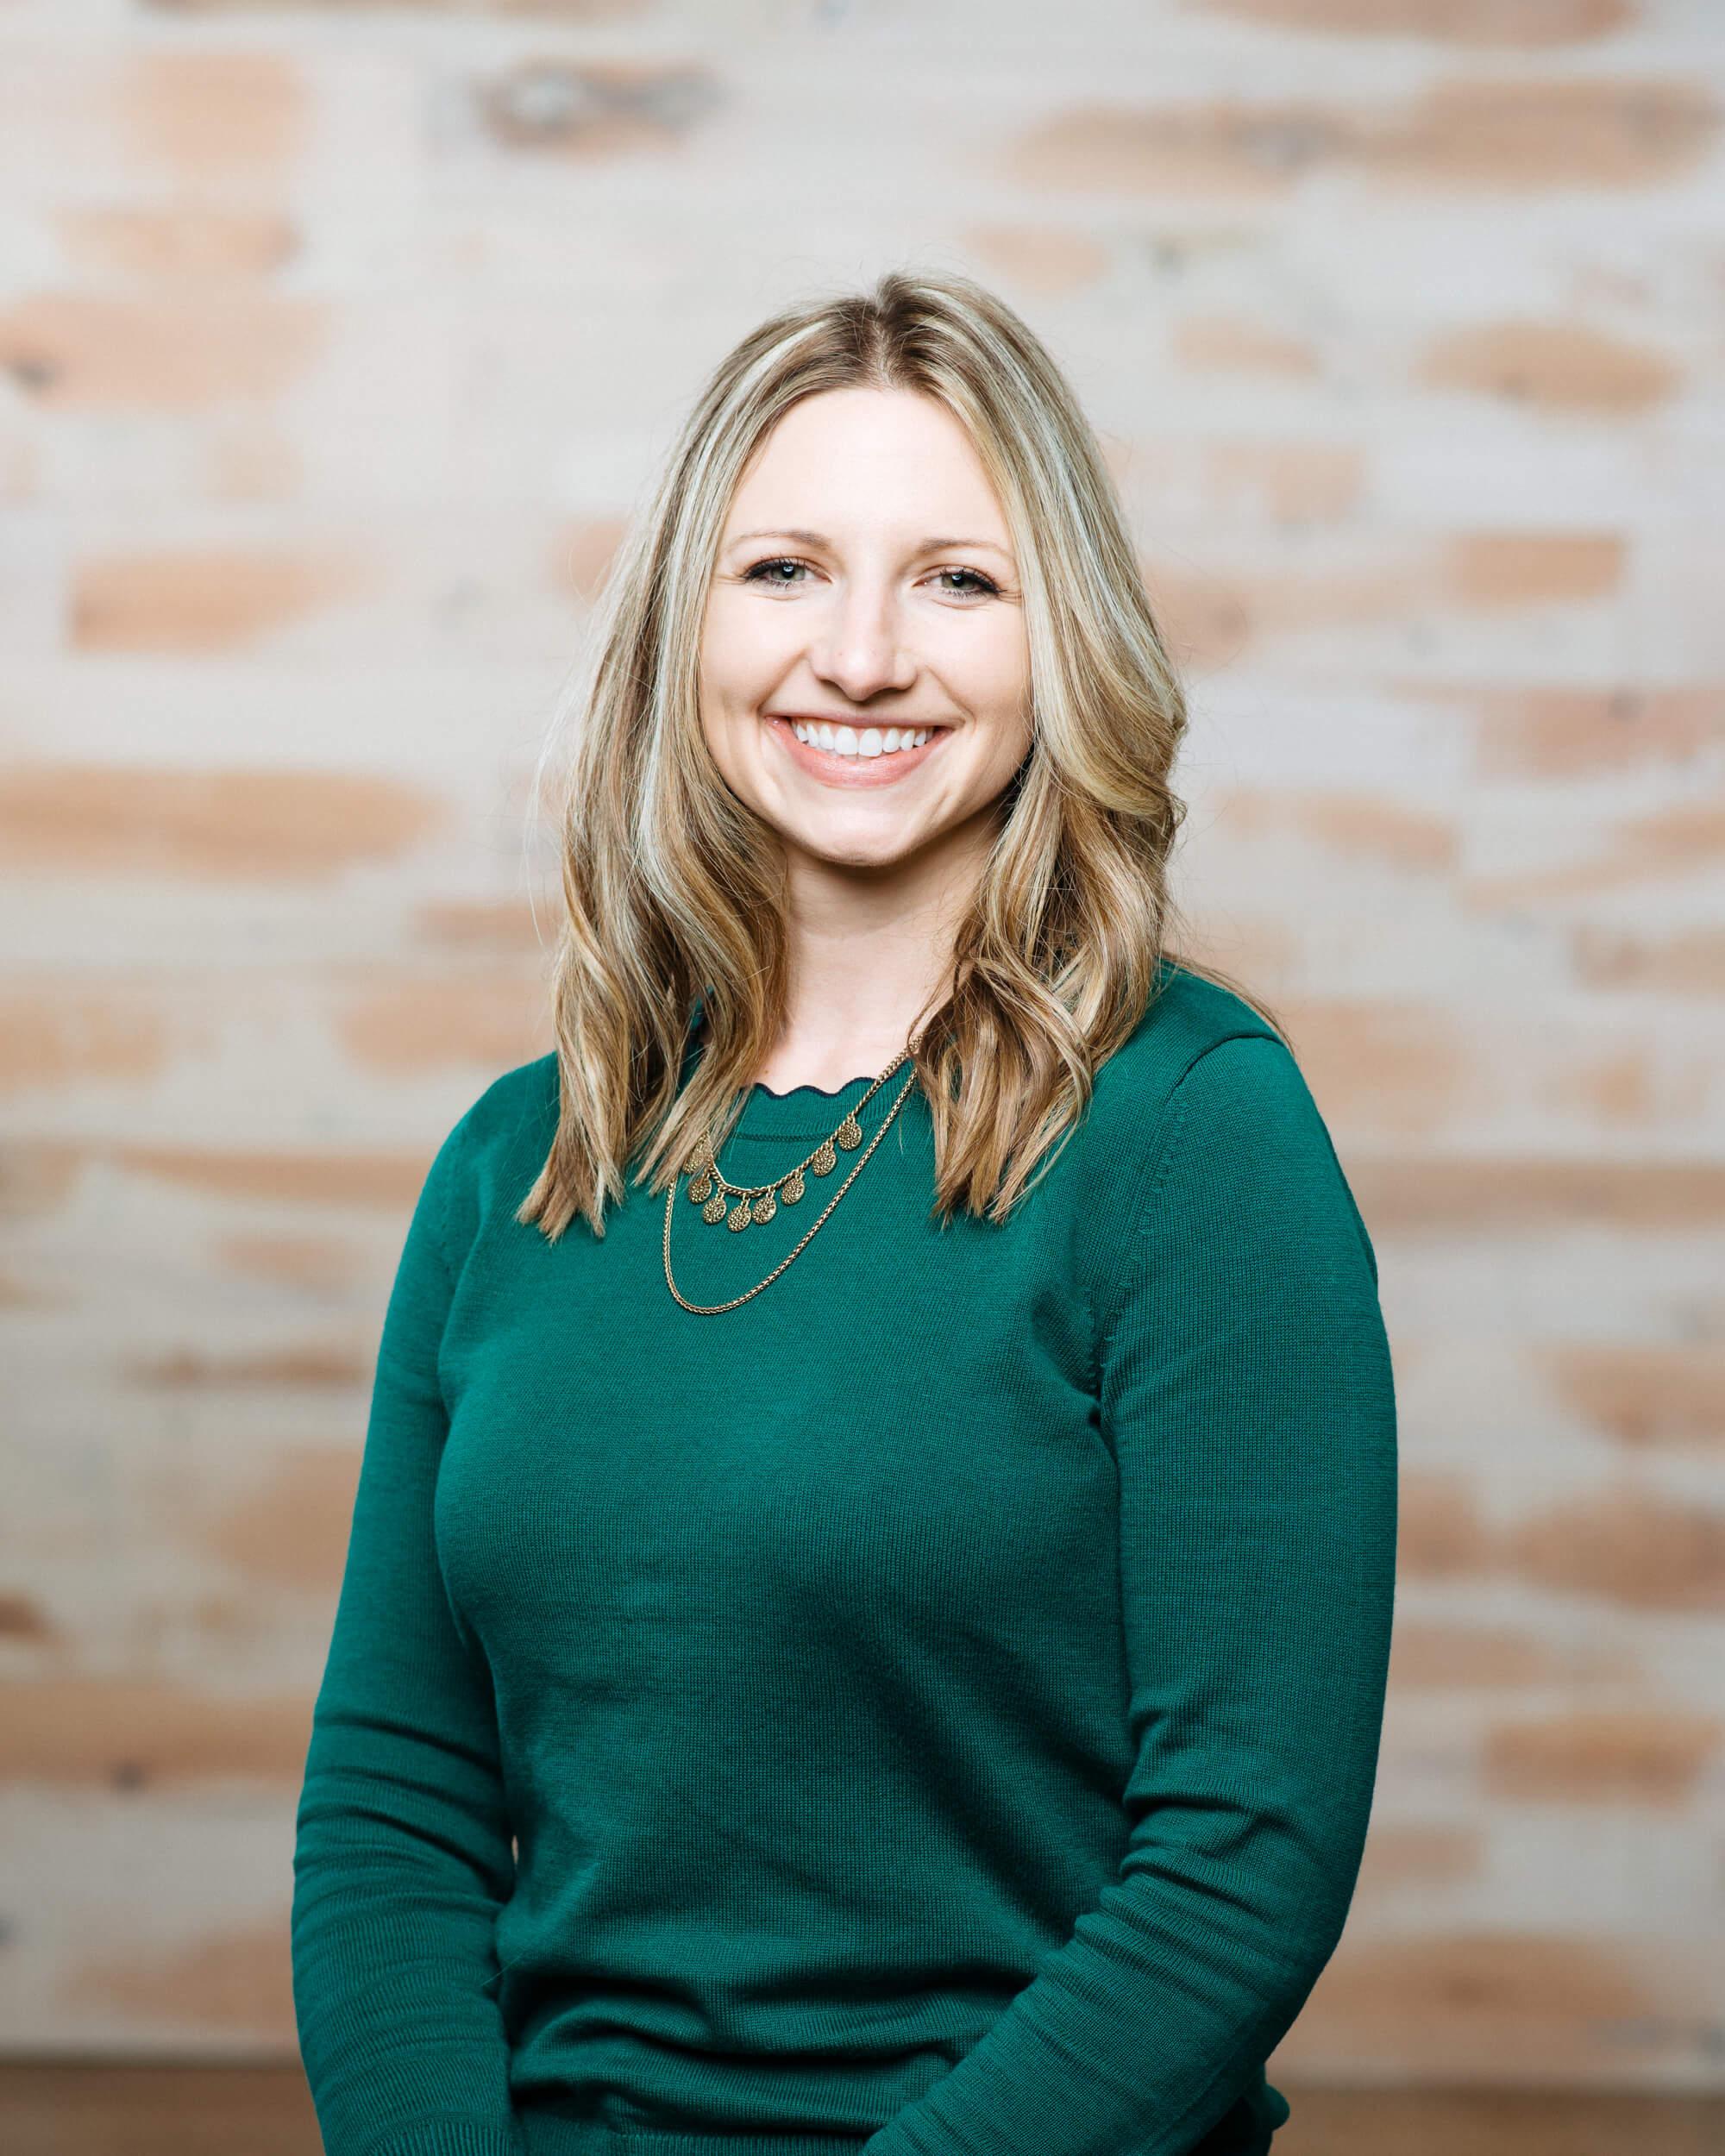 Samantha Olinger